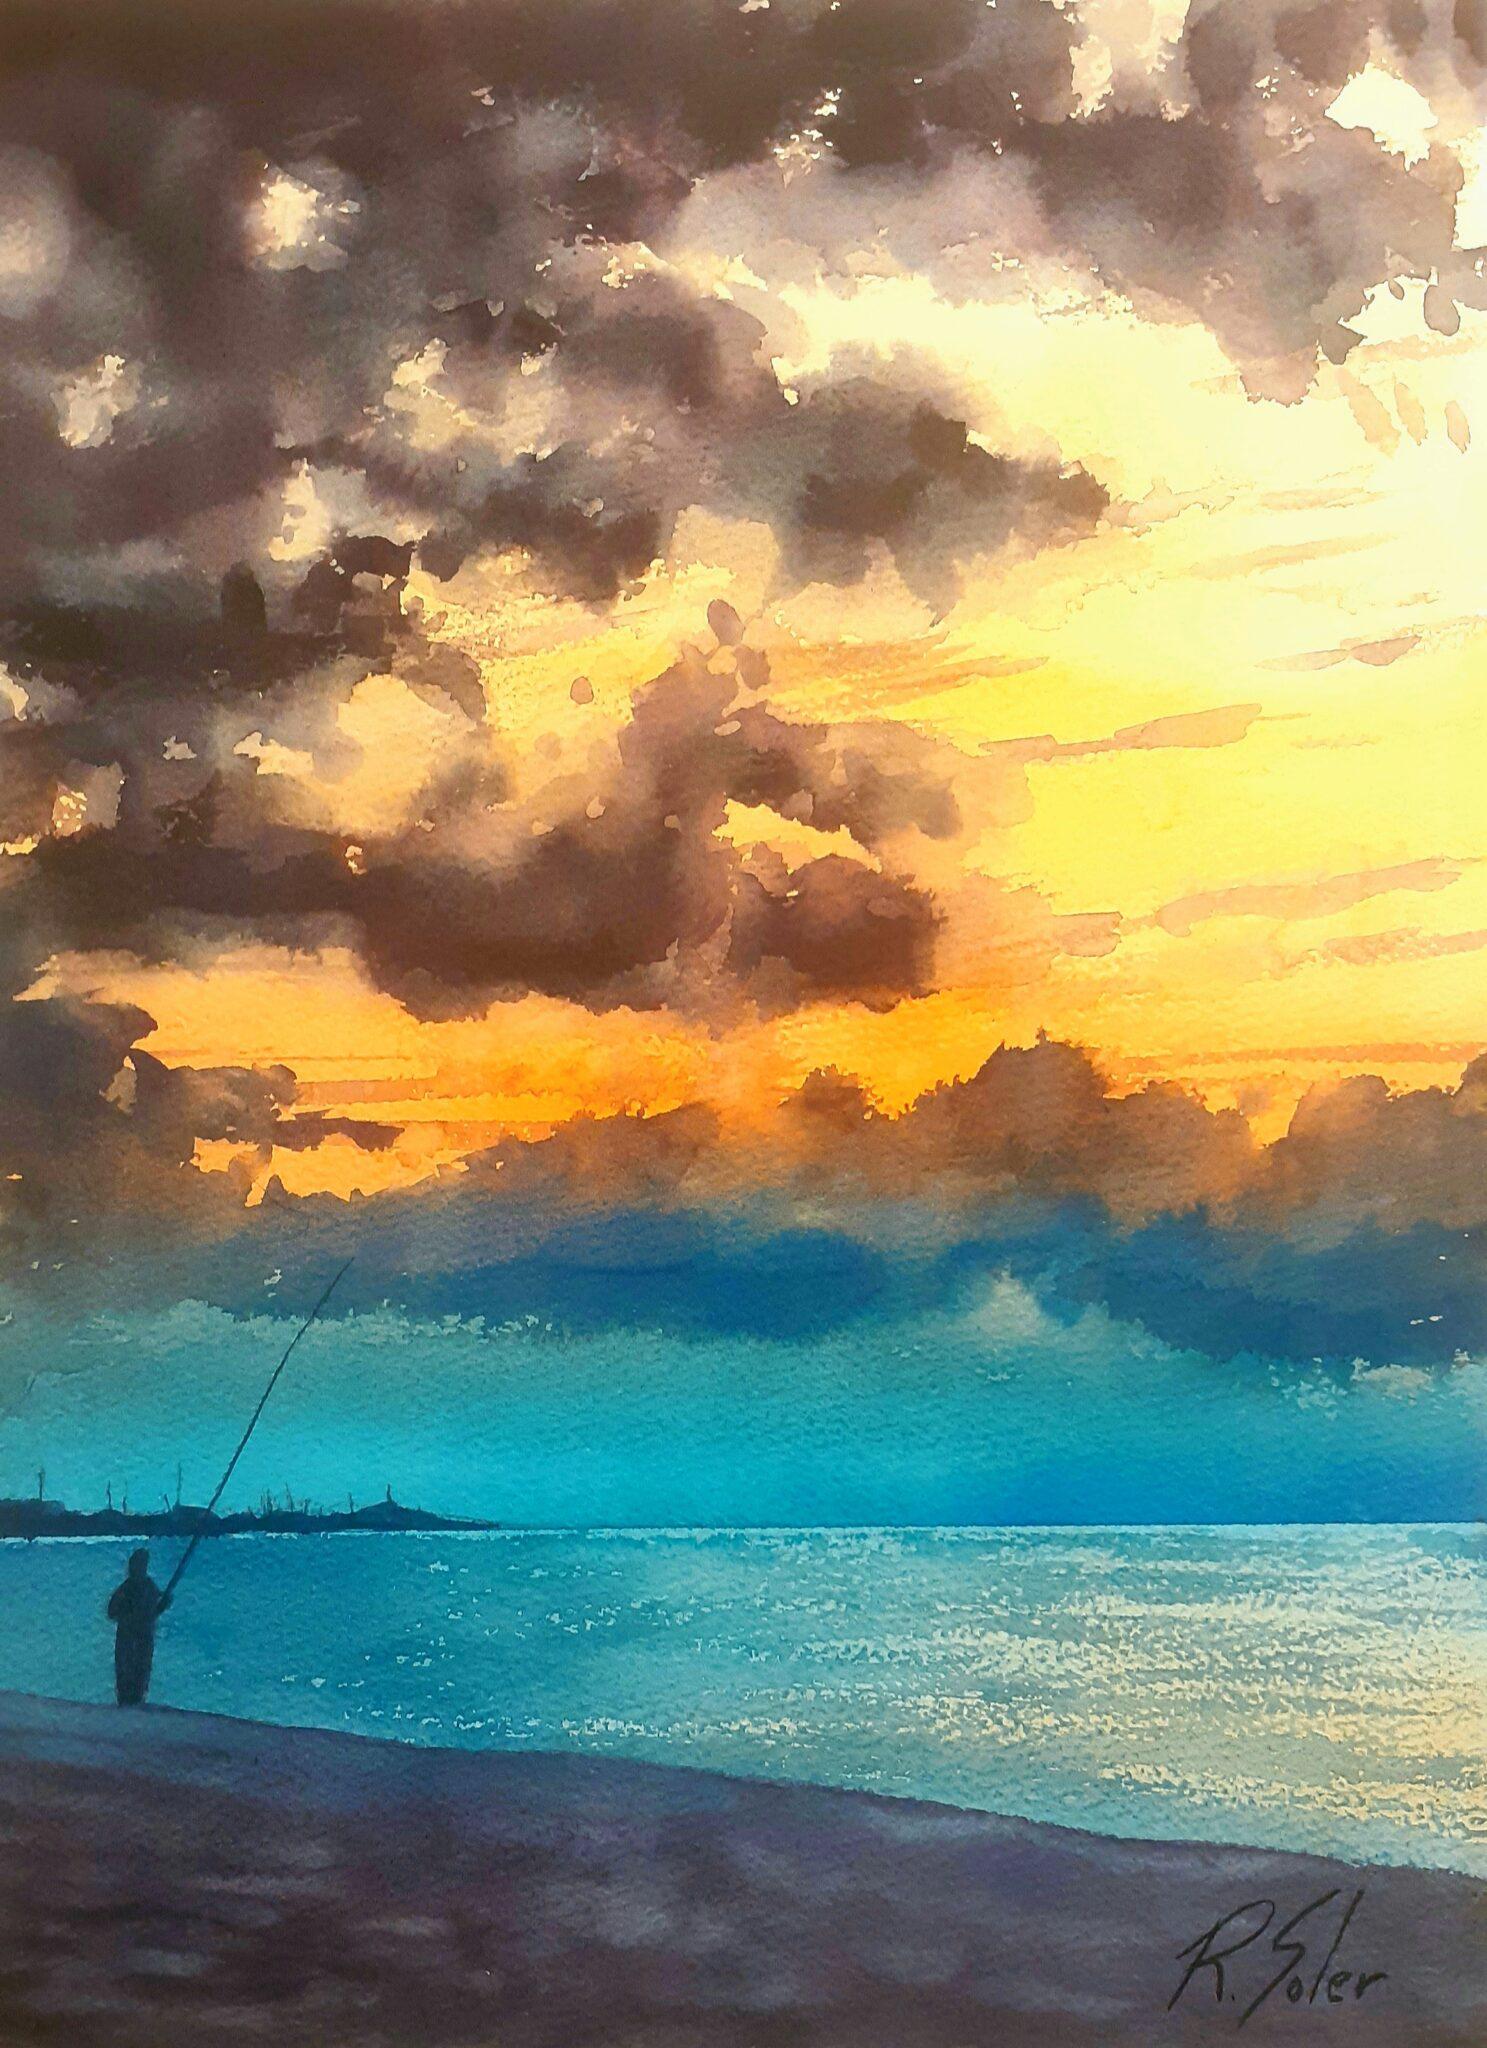 El pescador, 25 x 35 cm. (Disponible)